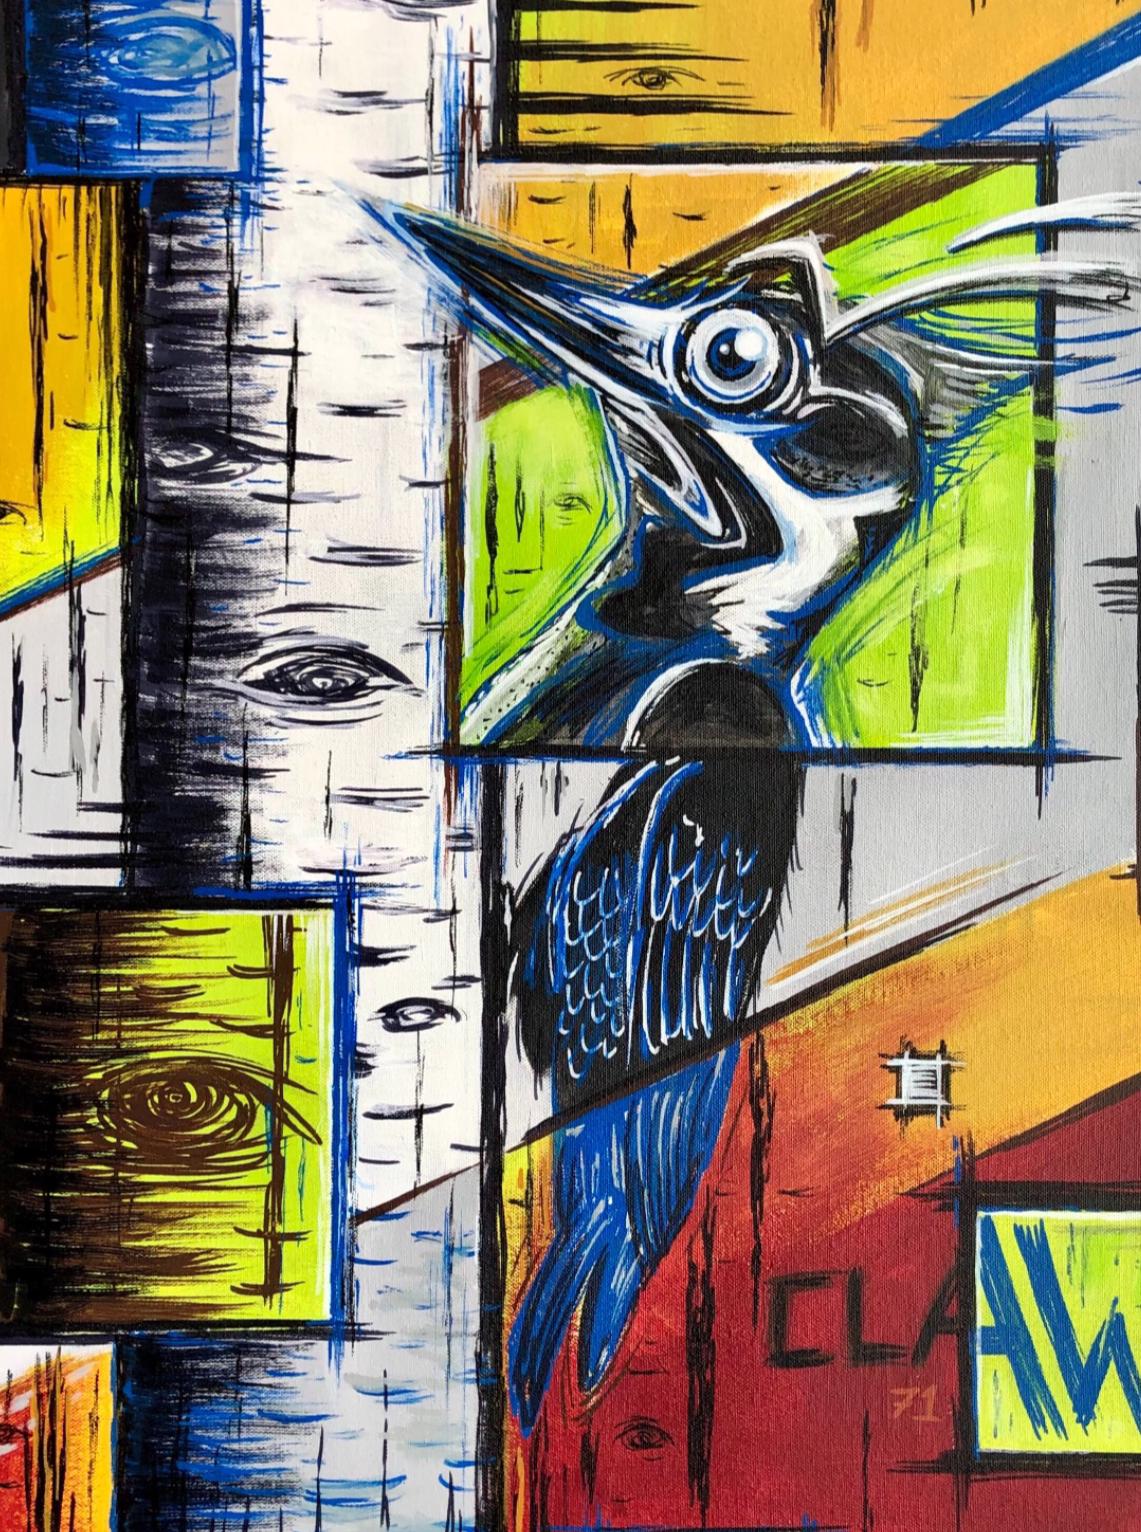 artigall: Birdlife Artwork detail view